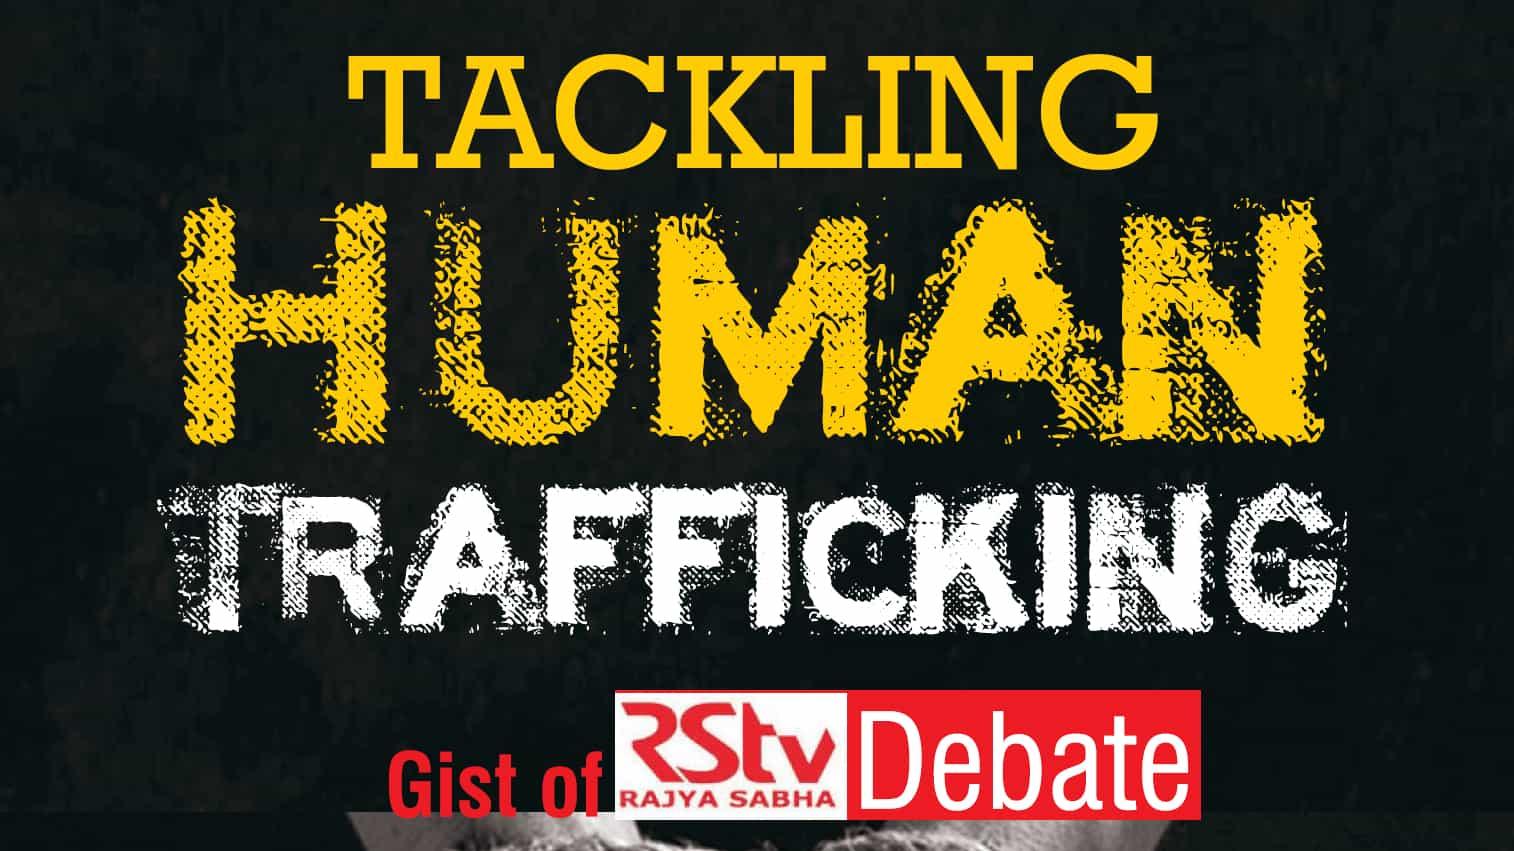 GS Score Human Trafficking